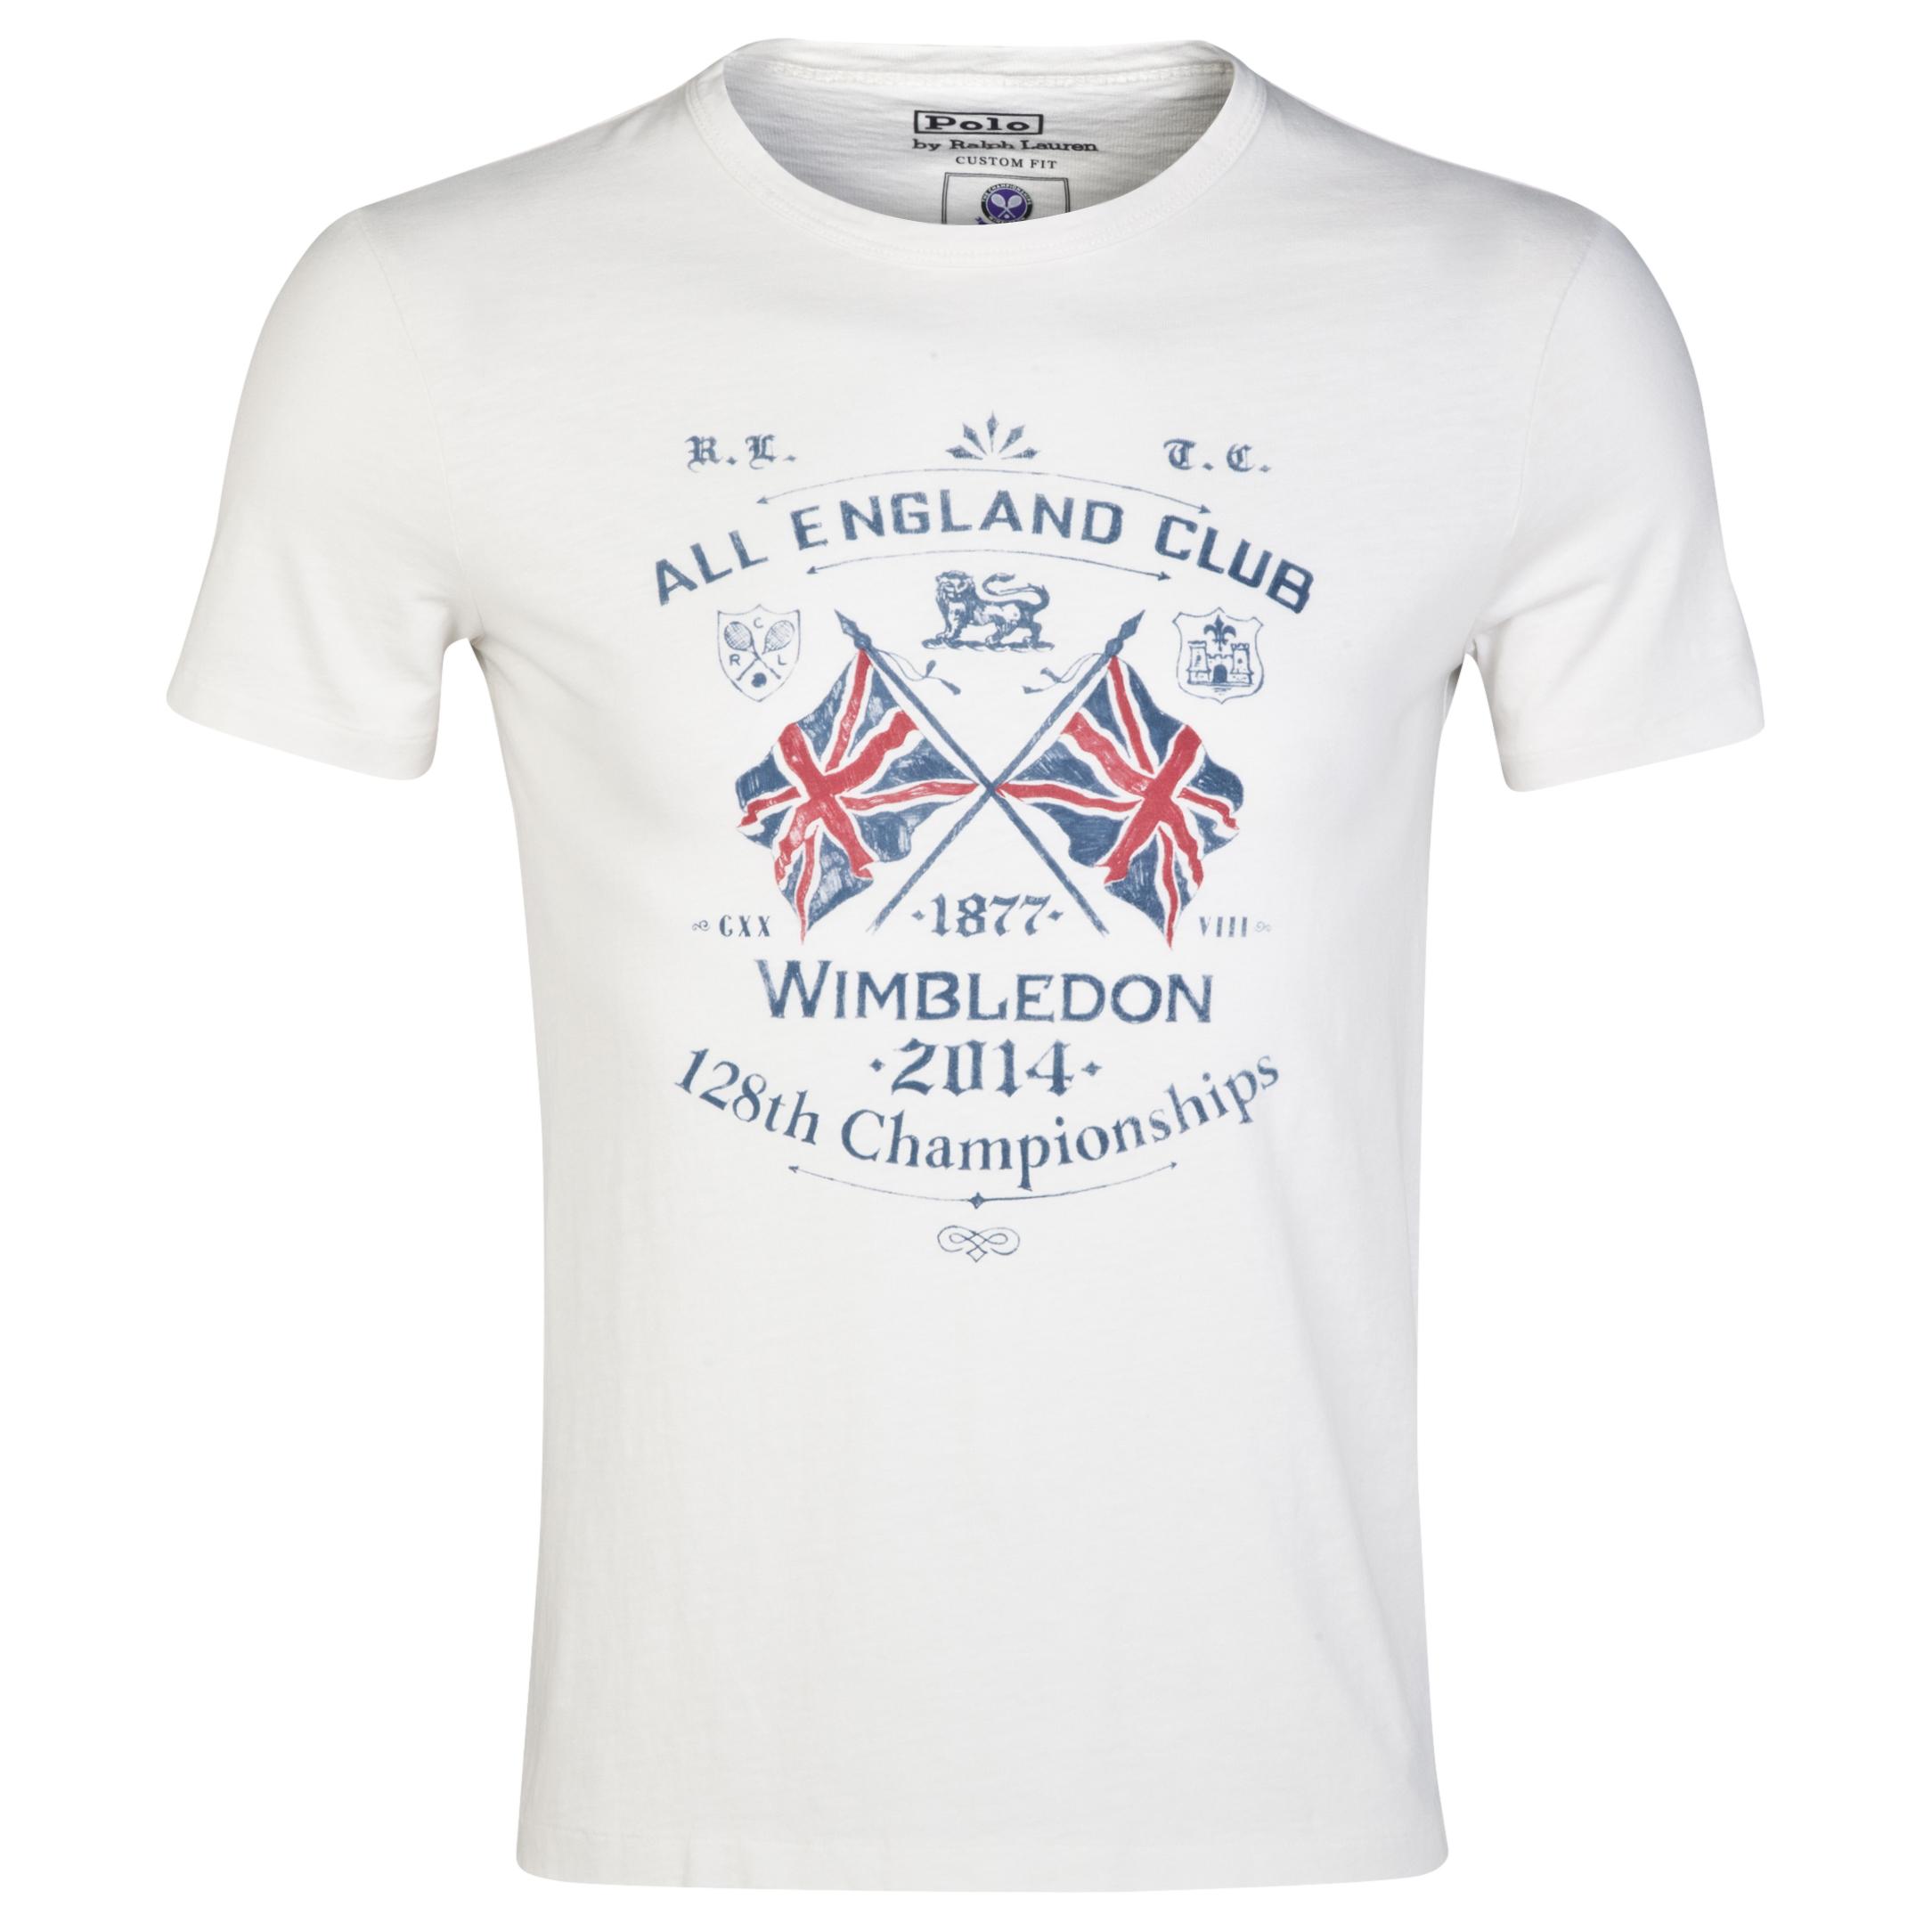 Wimbledon Polo Ralph Lauren Uneven Jersey Print T-Shirt - Deckwash White